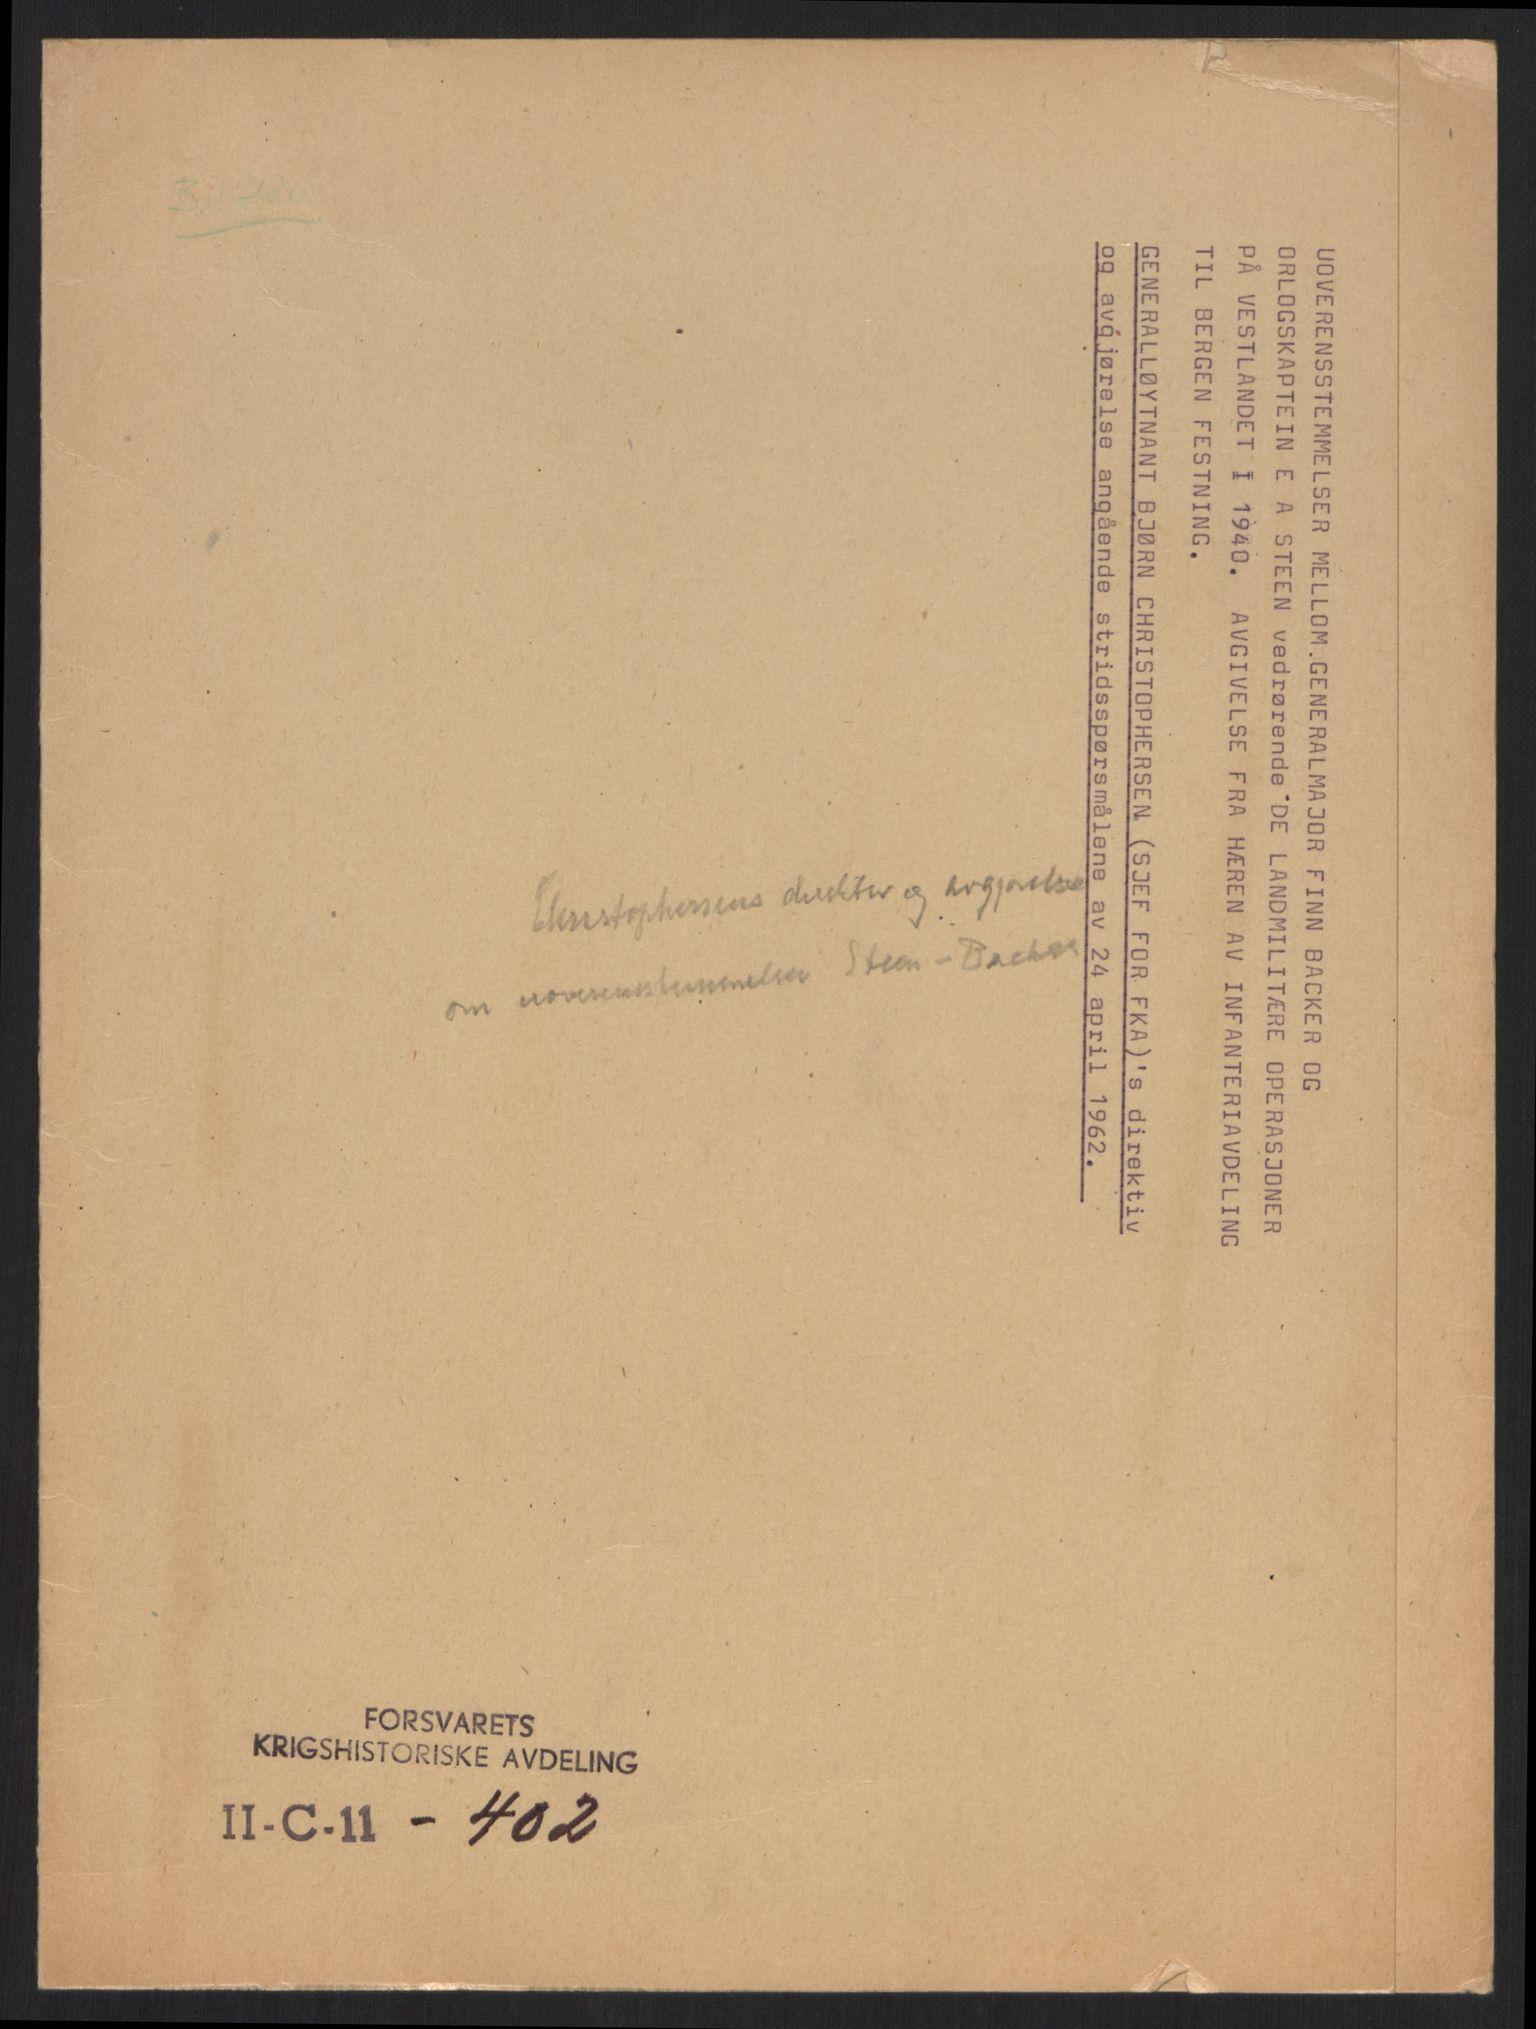 RA, Forsvaret, Forsvarets krigshistoriske avdeling, Y/Yb/L0100: II-C-11-401-402  -  4. Divisjon., 1940-1962, s. 710